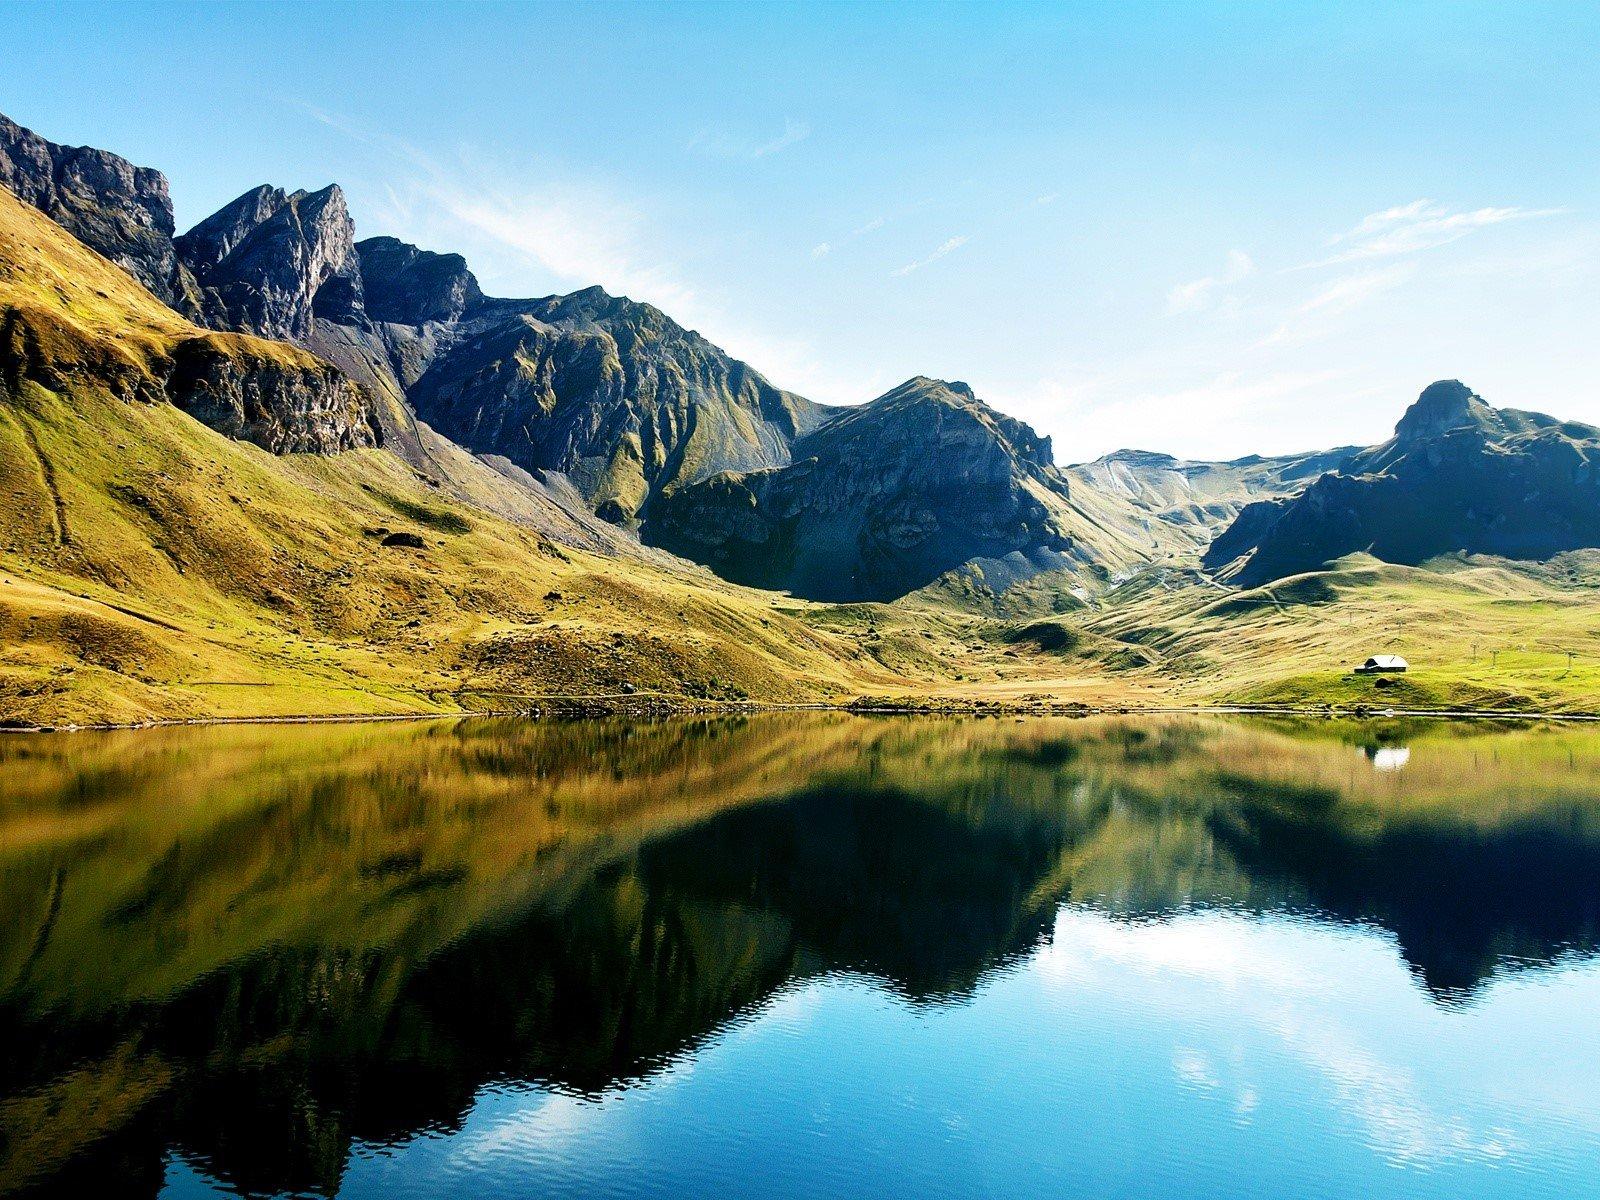 Fondos de pantalla Lago en Suiza